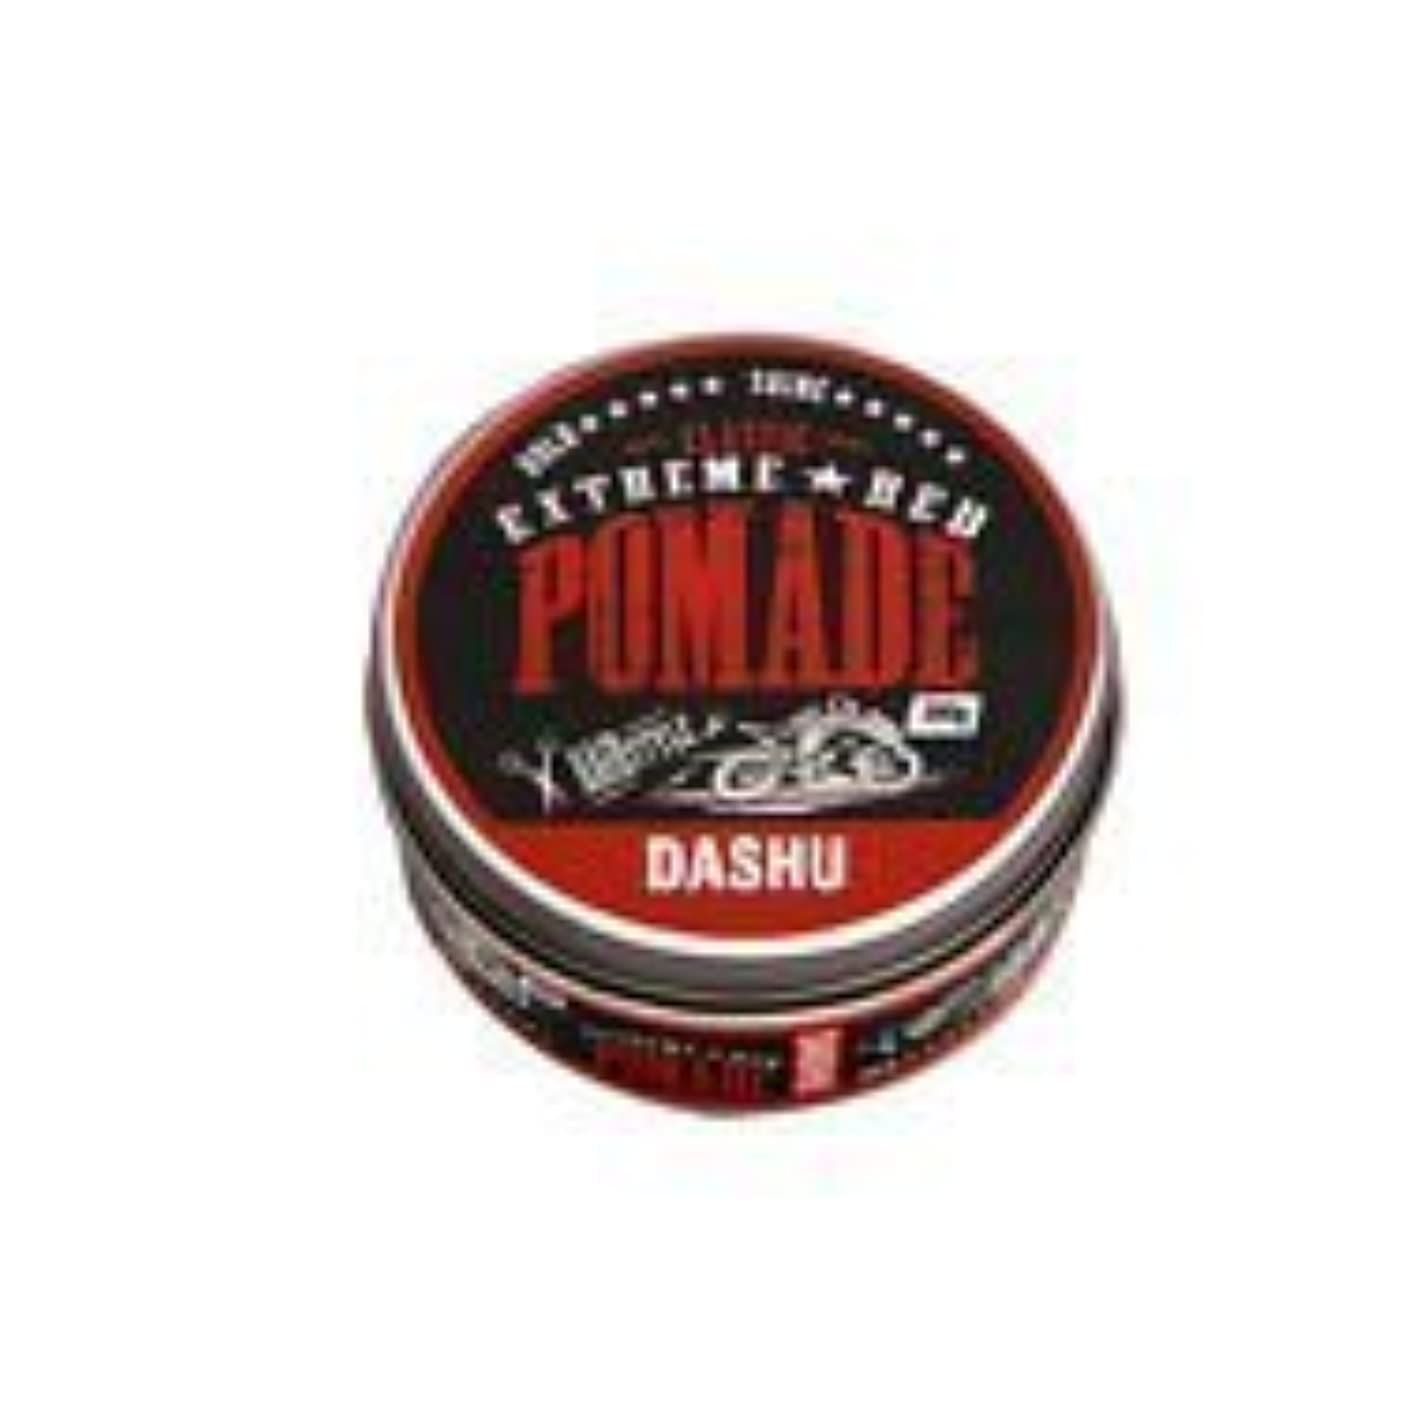 怠な伝導エンドテーブル[DASHU] ダシュ クラシックエクストリームレッドポマード Classic Extreme Red Pomade Hair Wax 100ml / 韓国製 . 韓国直送品